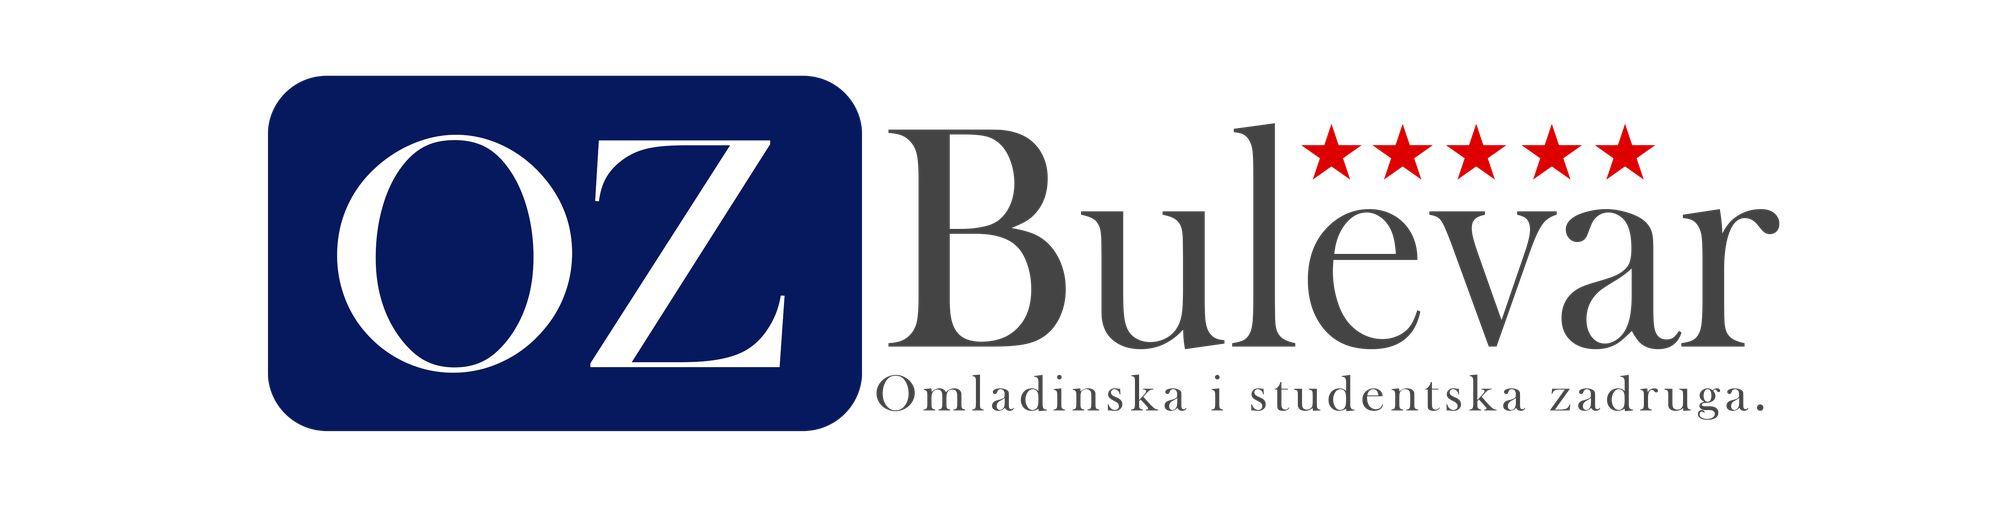 Omladinska i studentska zadruga Bulevar